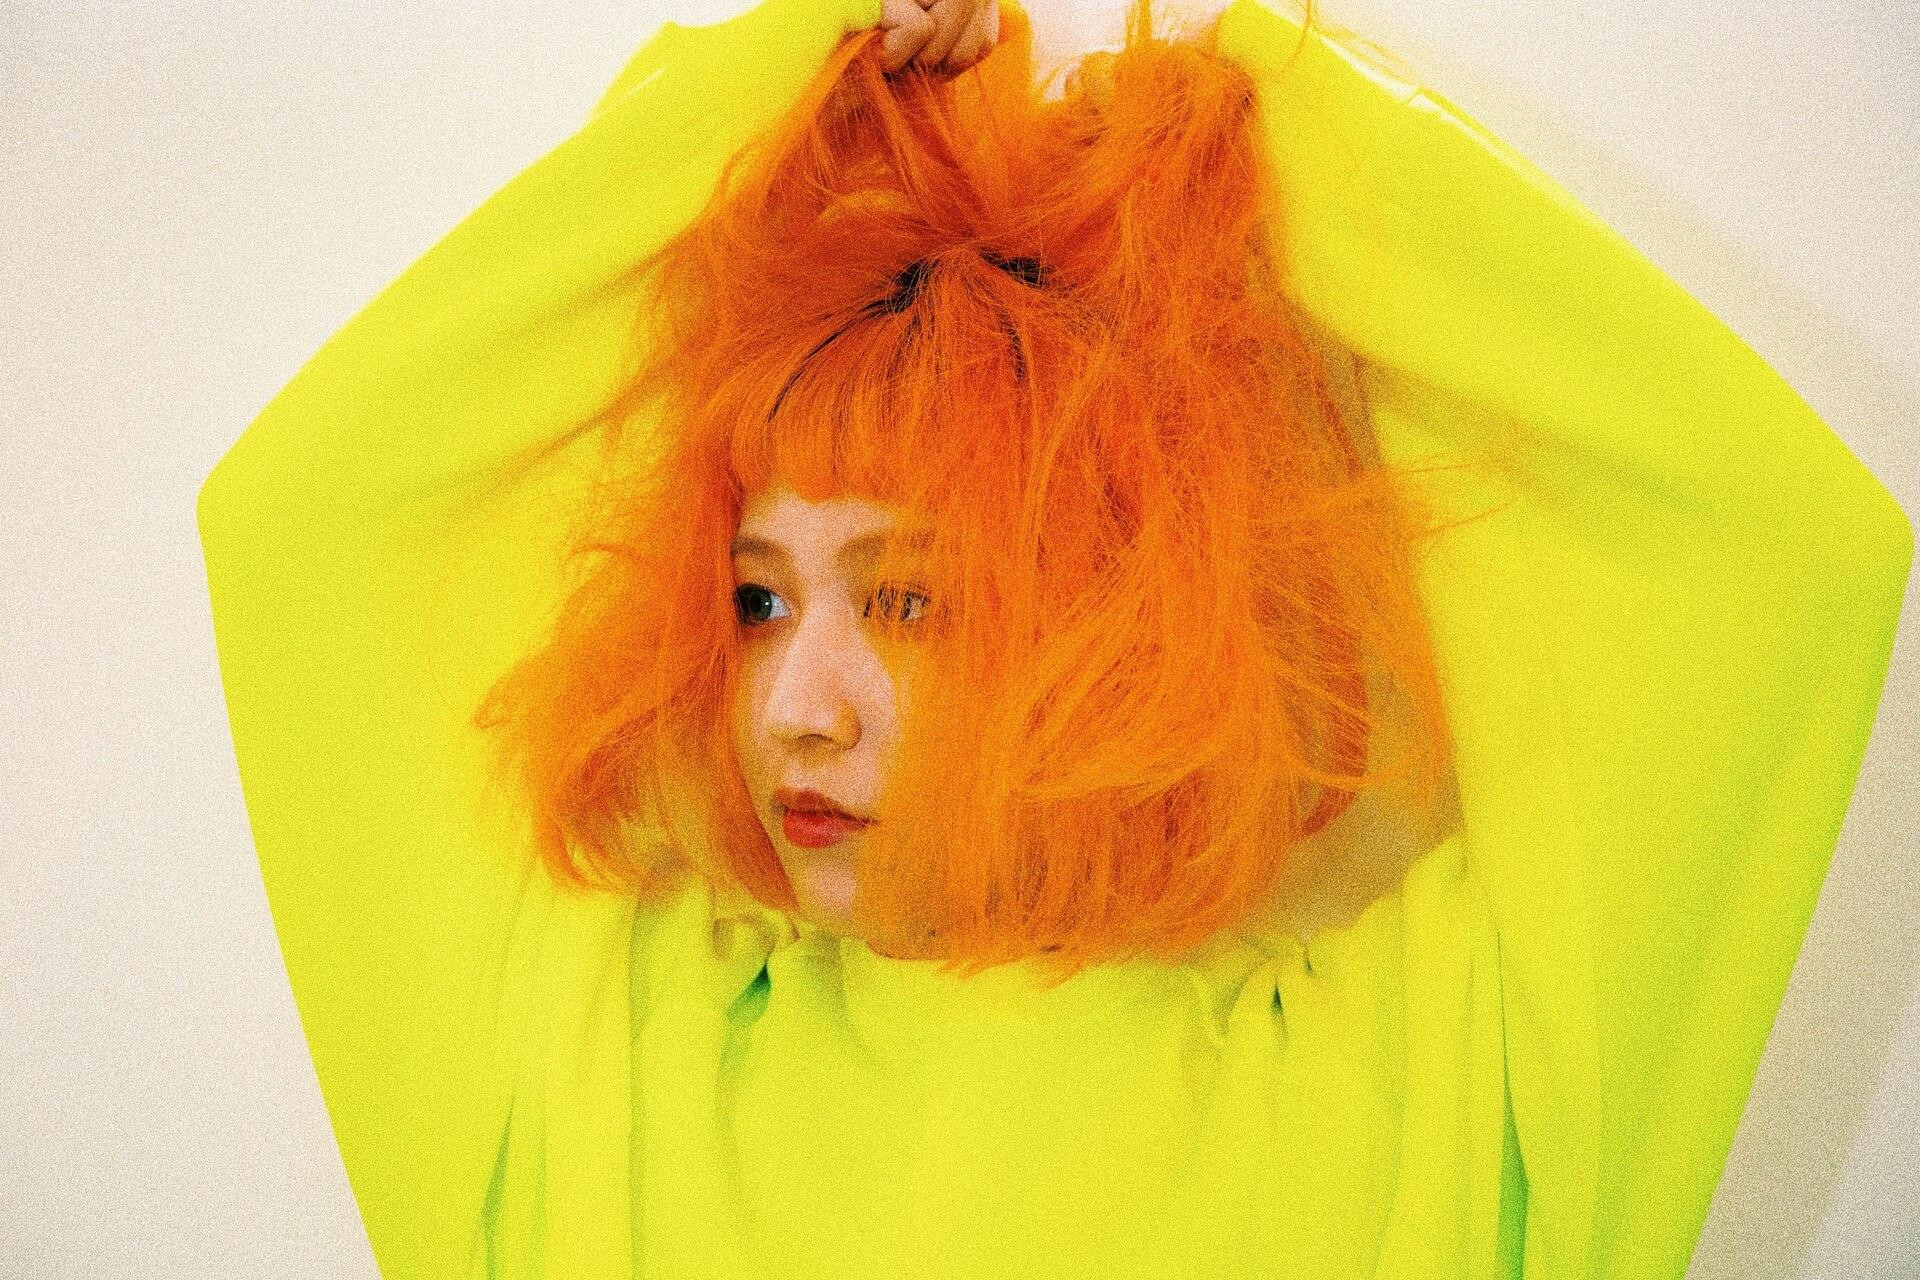 謎多きユニット、カメレオン・ライム・ウーピーパイが新曲「Who am I」をリリース music200805-clwp-1